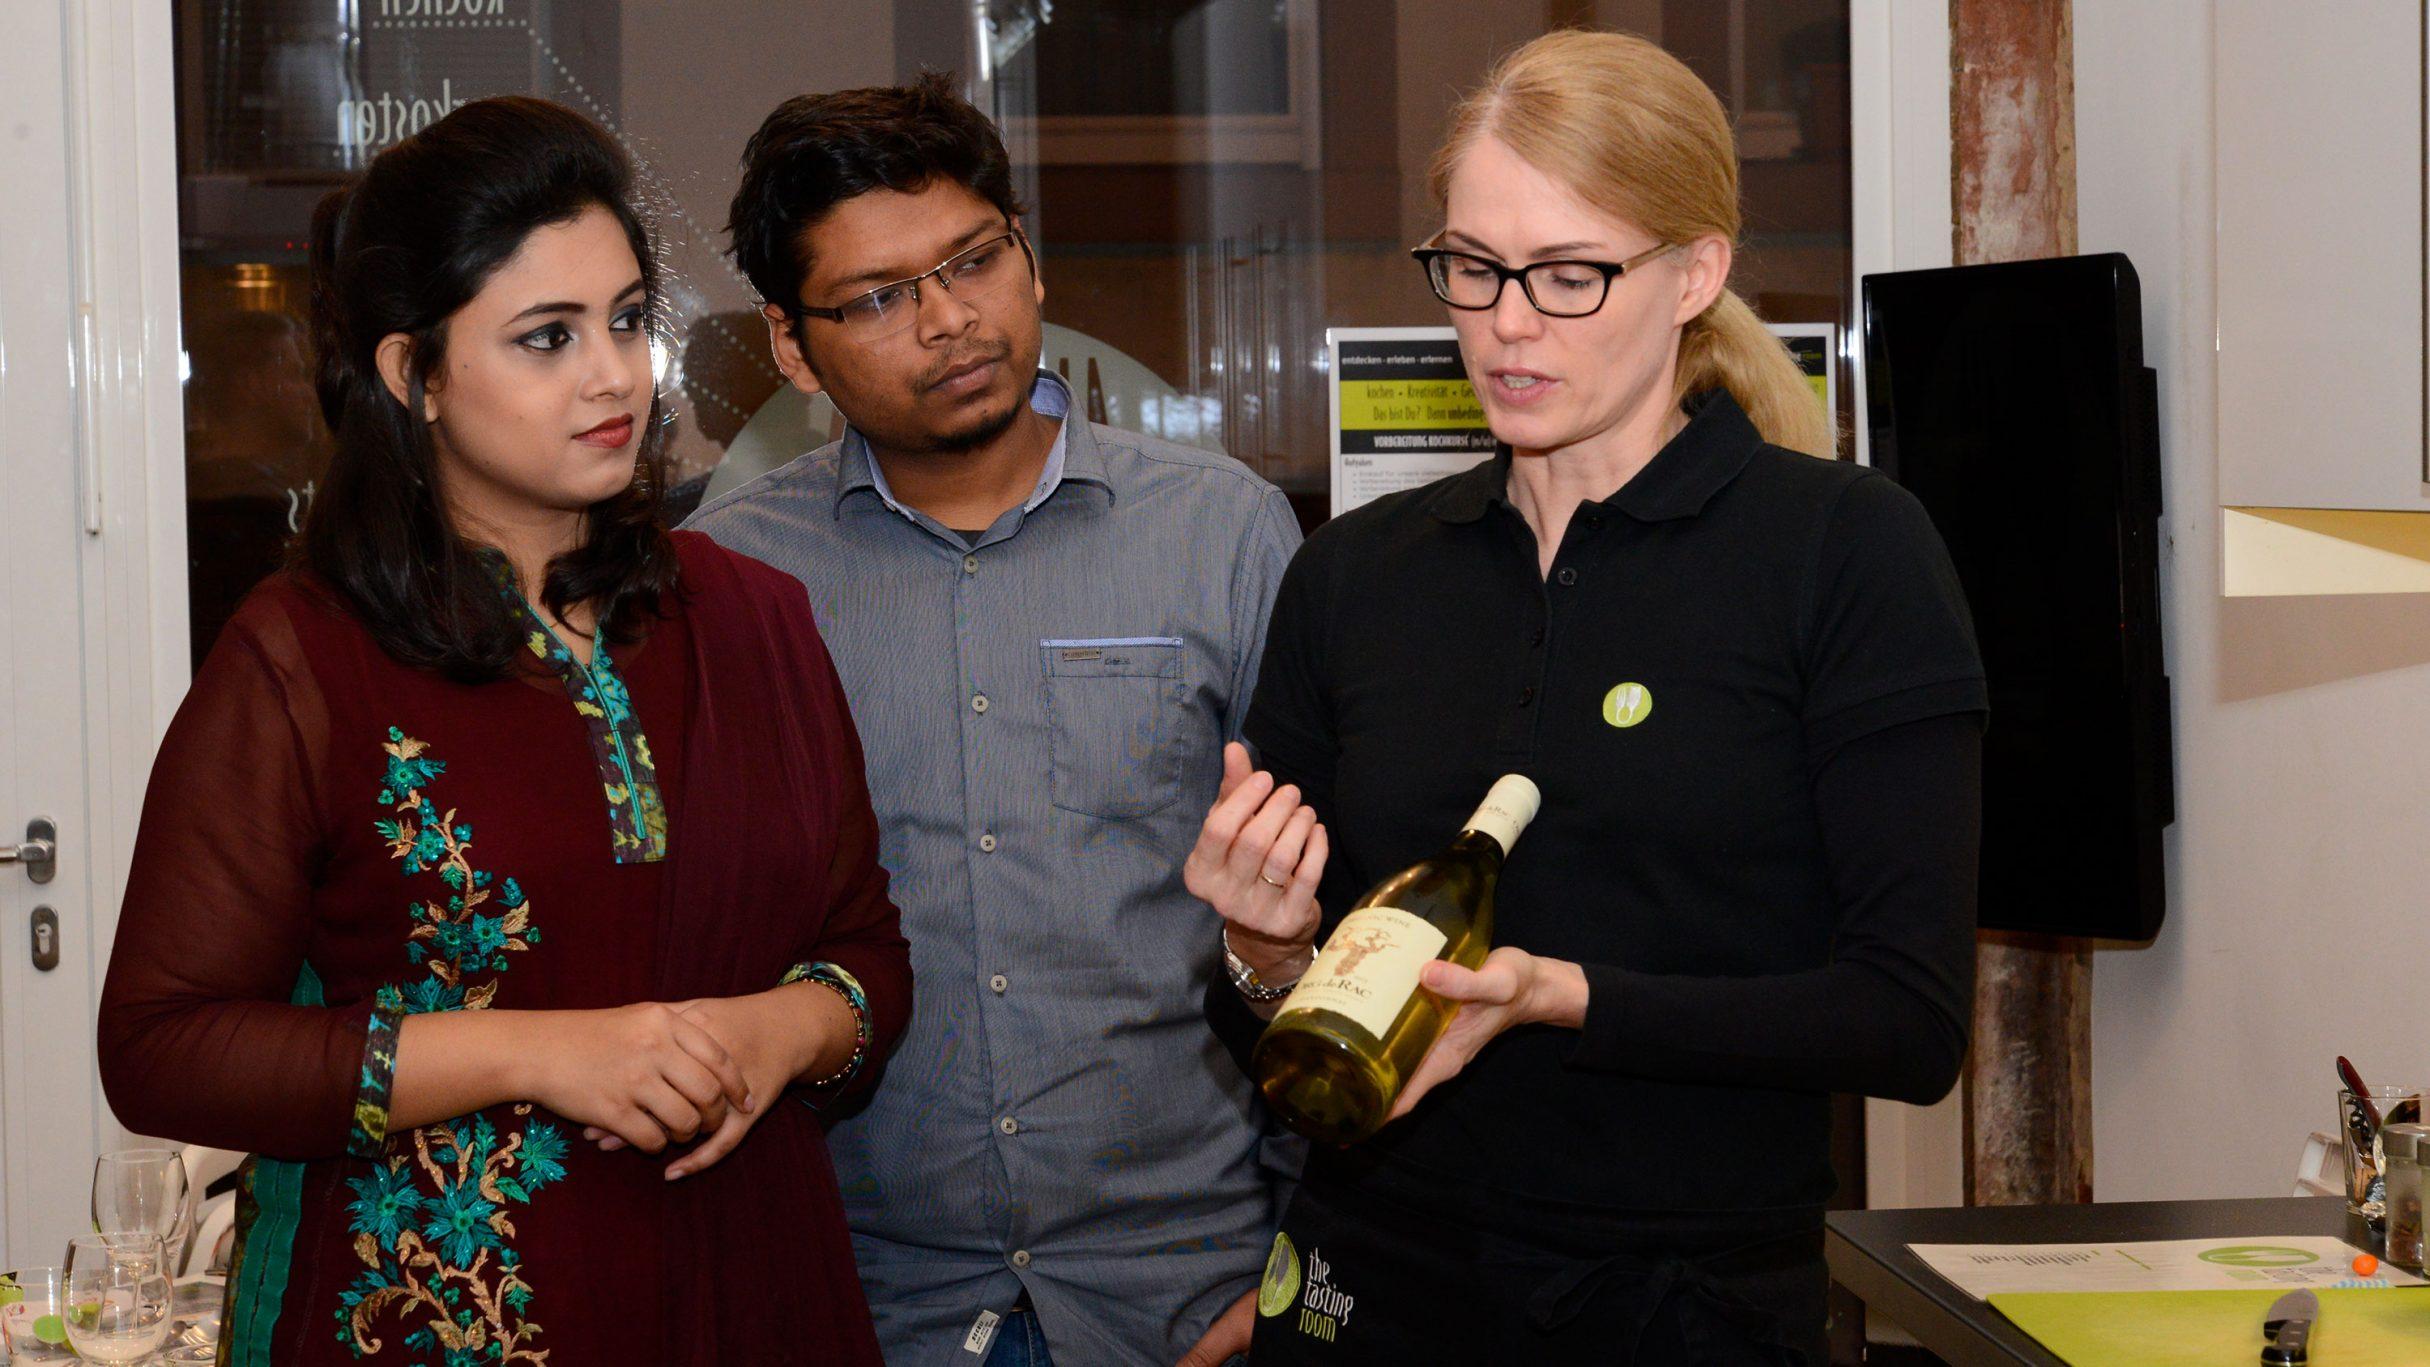 Weihnachtsfeier 2017 in der Kochwerkstatt the tasting room: DIE NEUDENKER® Agentur, Darmstadt